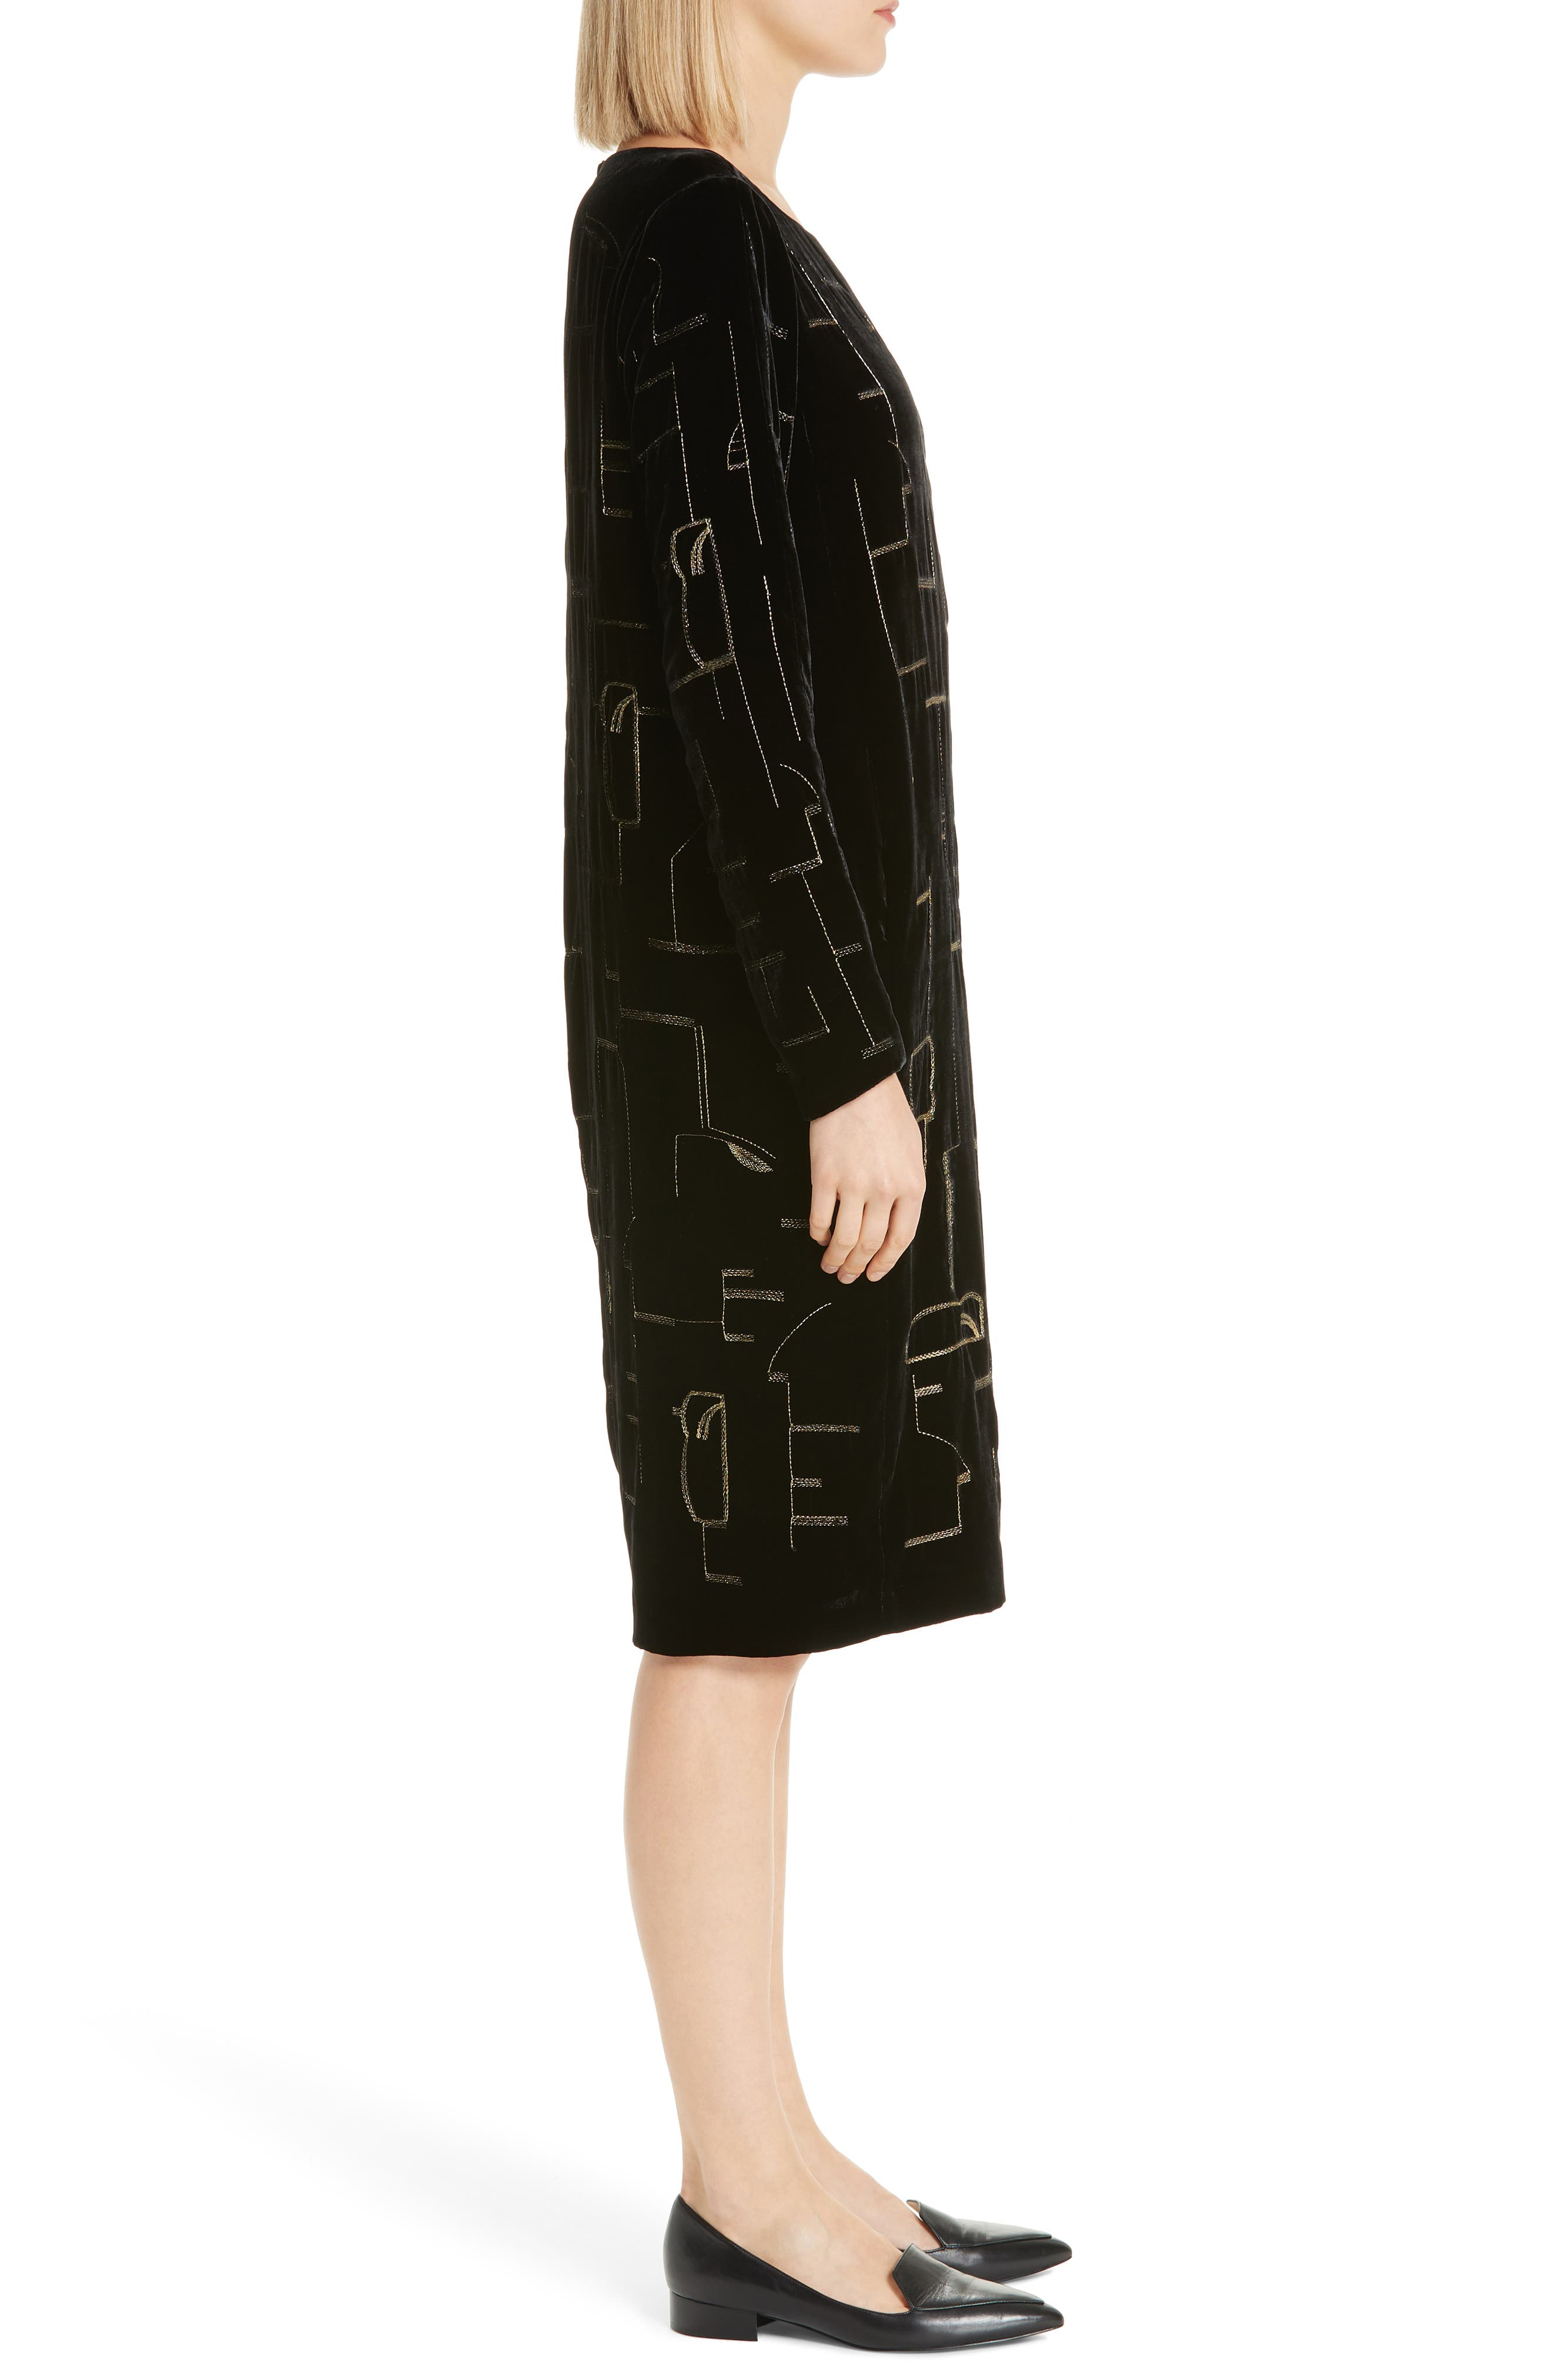 LAFAYETTE 148 NEW YORK,                             Cressida Embellished Velvet Dress,                             Alternate thumbnail 3, color,                             BLACK MULTI